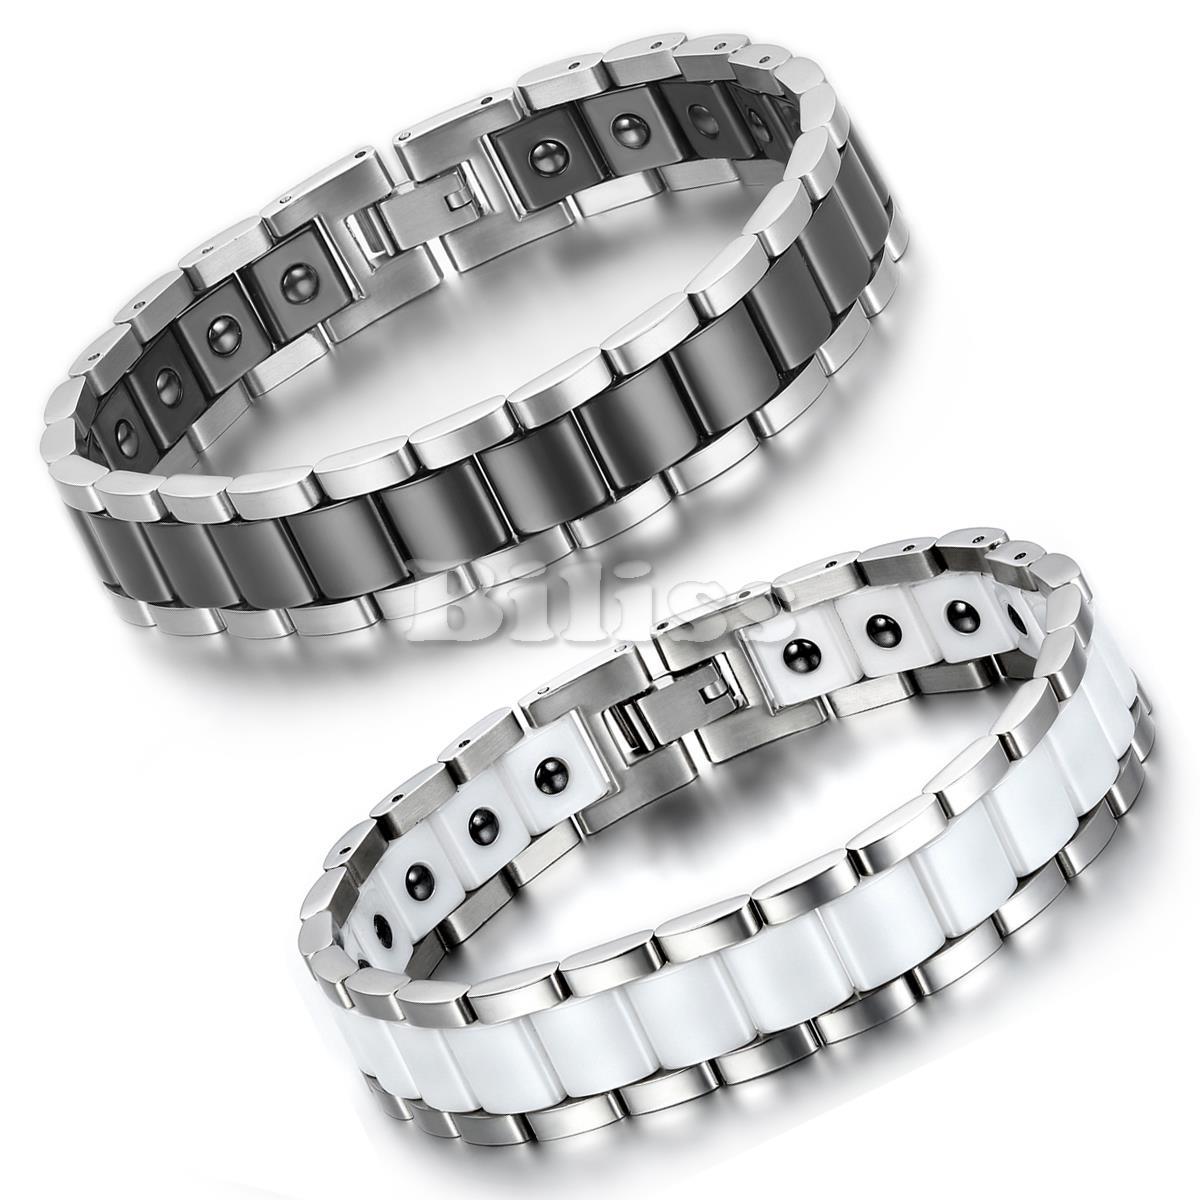 dfe3f05582f7 Atoztide personalizado nombre personalizado pulsera para mujeres Acero  inoxidable hechos a mano encantos escritura grabado amor